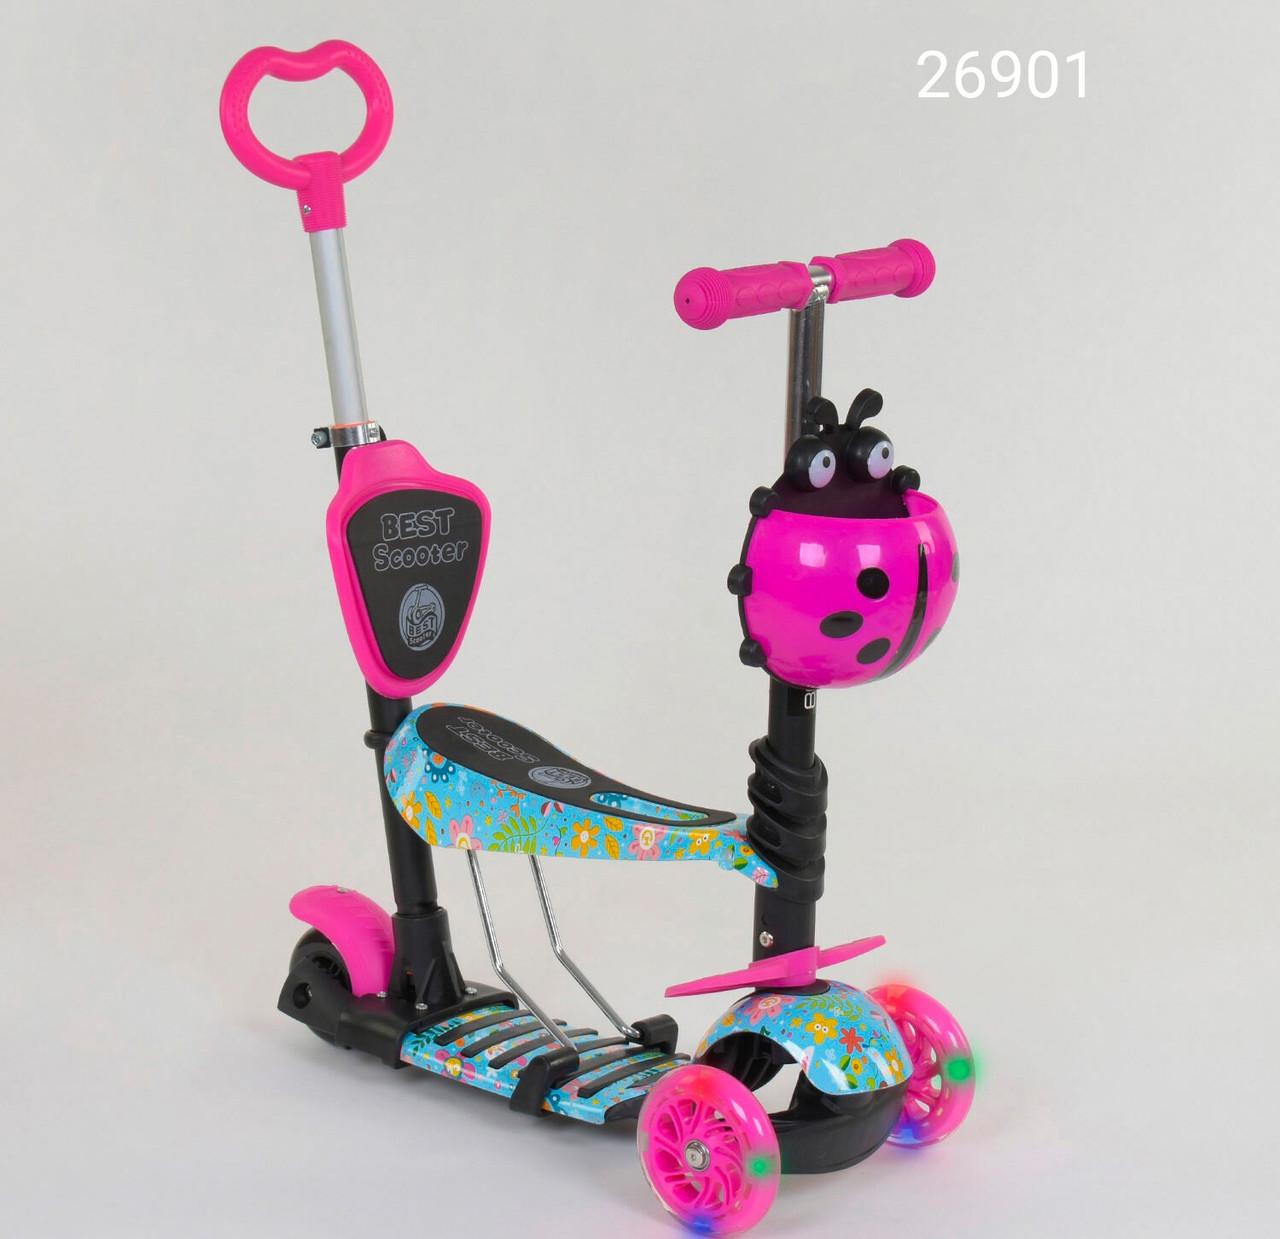 Самокат Best Scooter K 5 в 1 с ручкой 26901